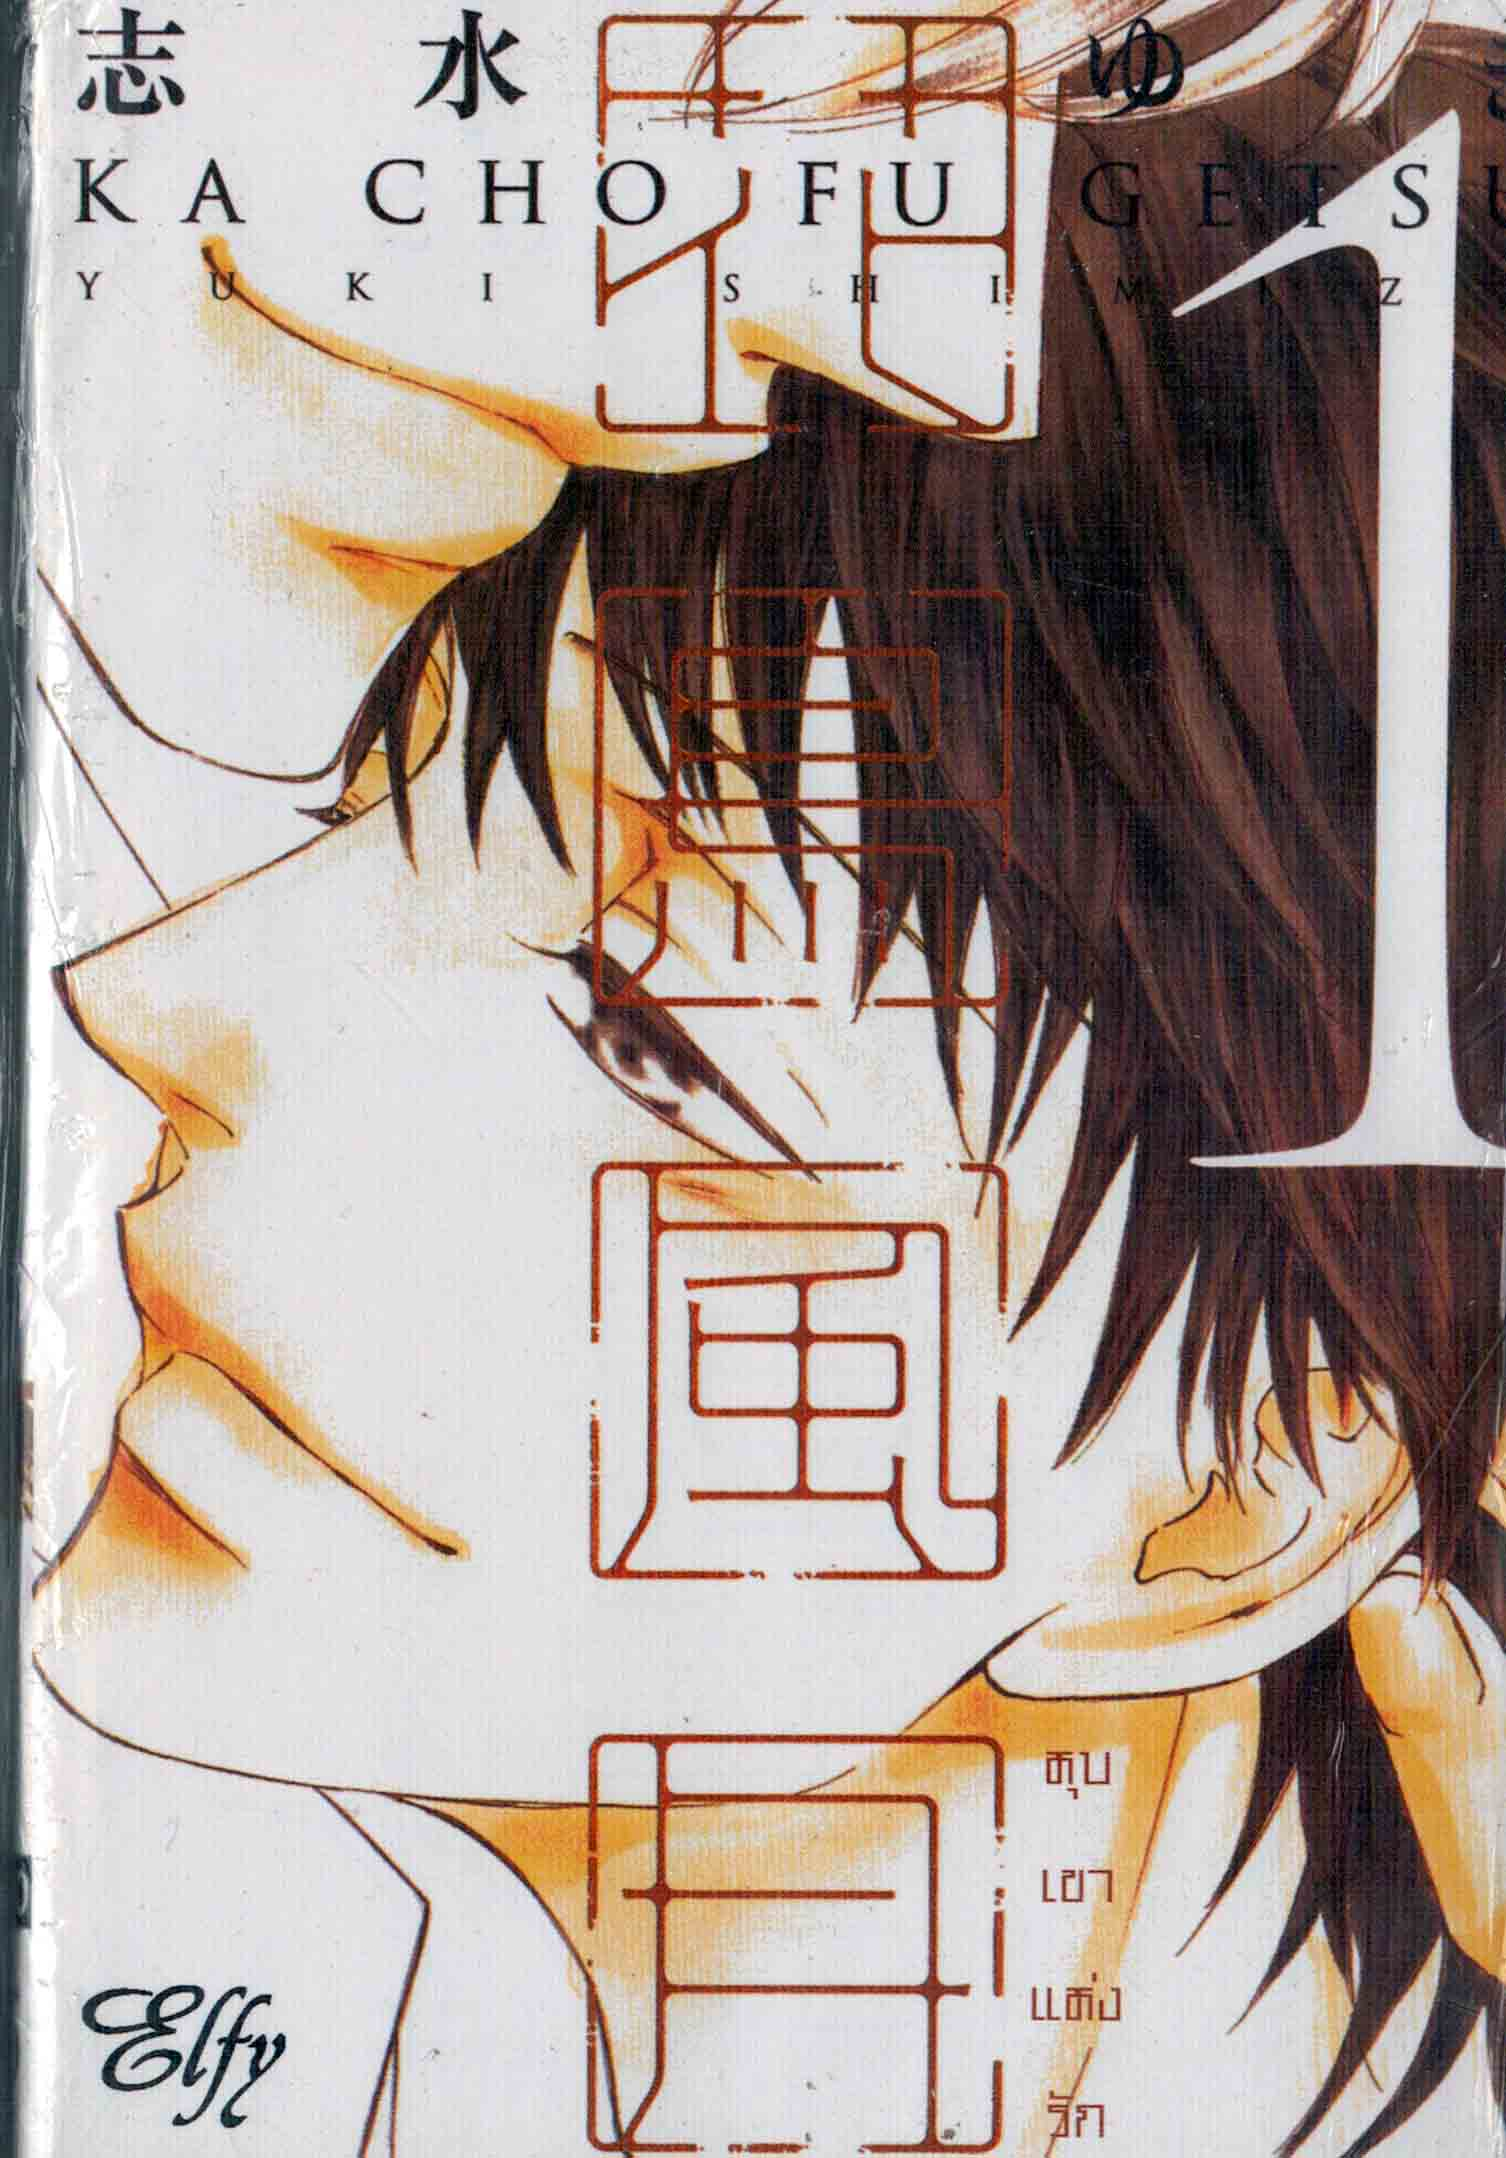 หุบเขาแห่งรัก 1 - Yuki ShiMiZu